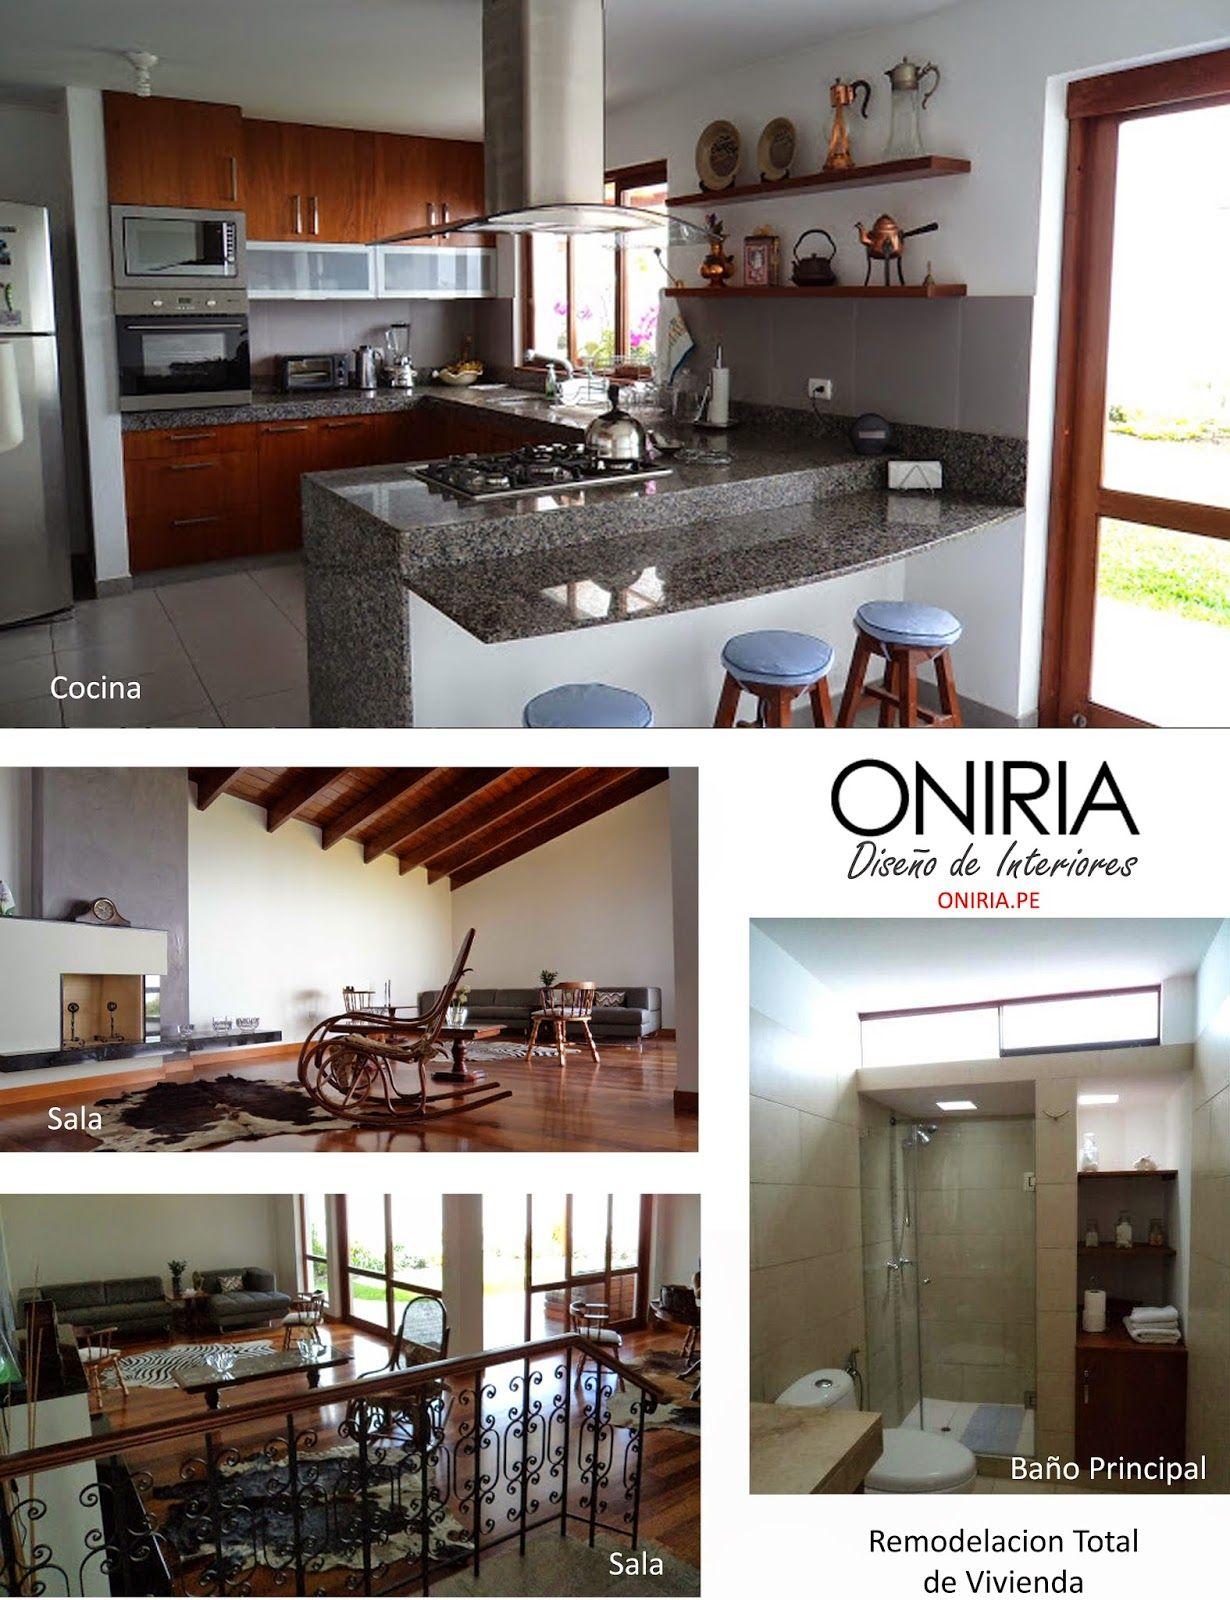 Oniria remodelaci n integrales de interiores de casas y d for Remodelacion de casas